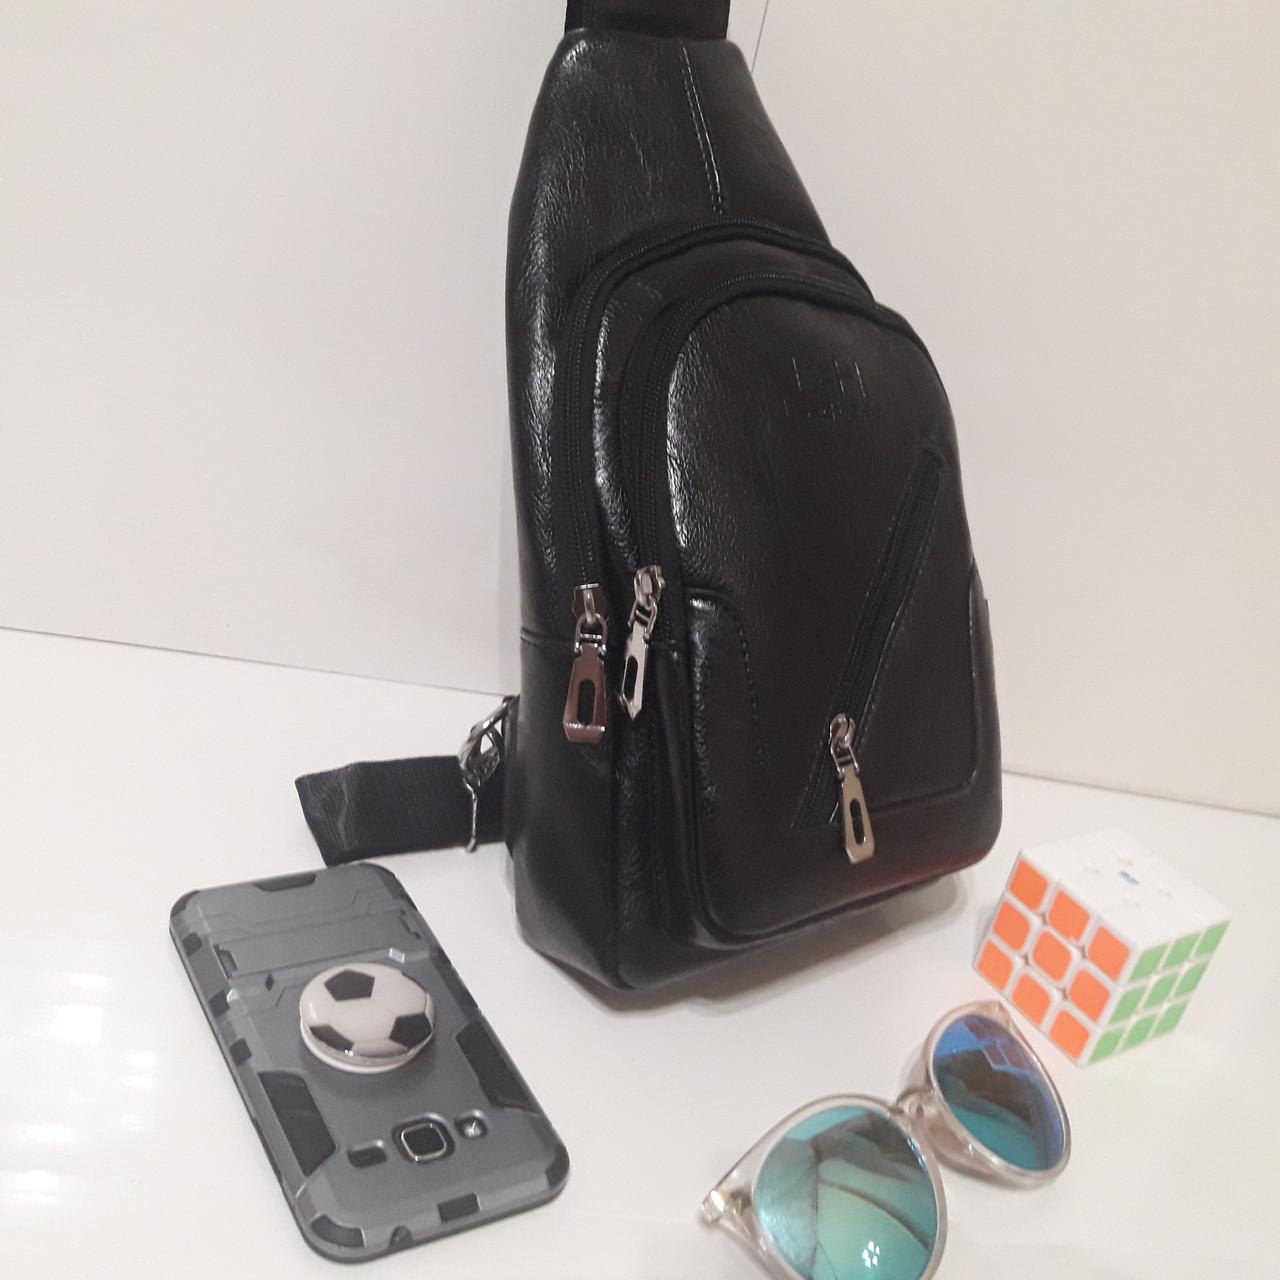 Рюкзак сумка на одно плечо городской искусственная кожа черный